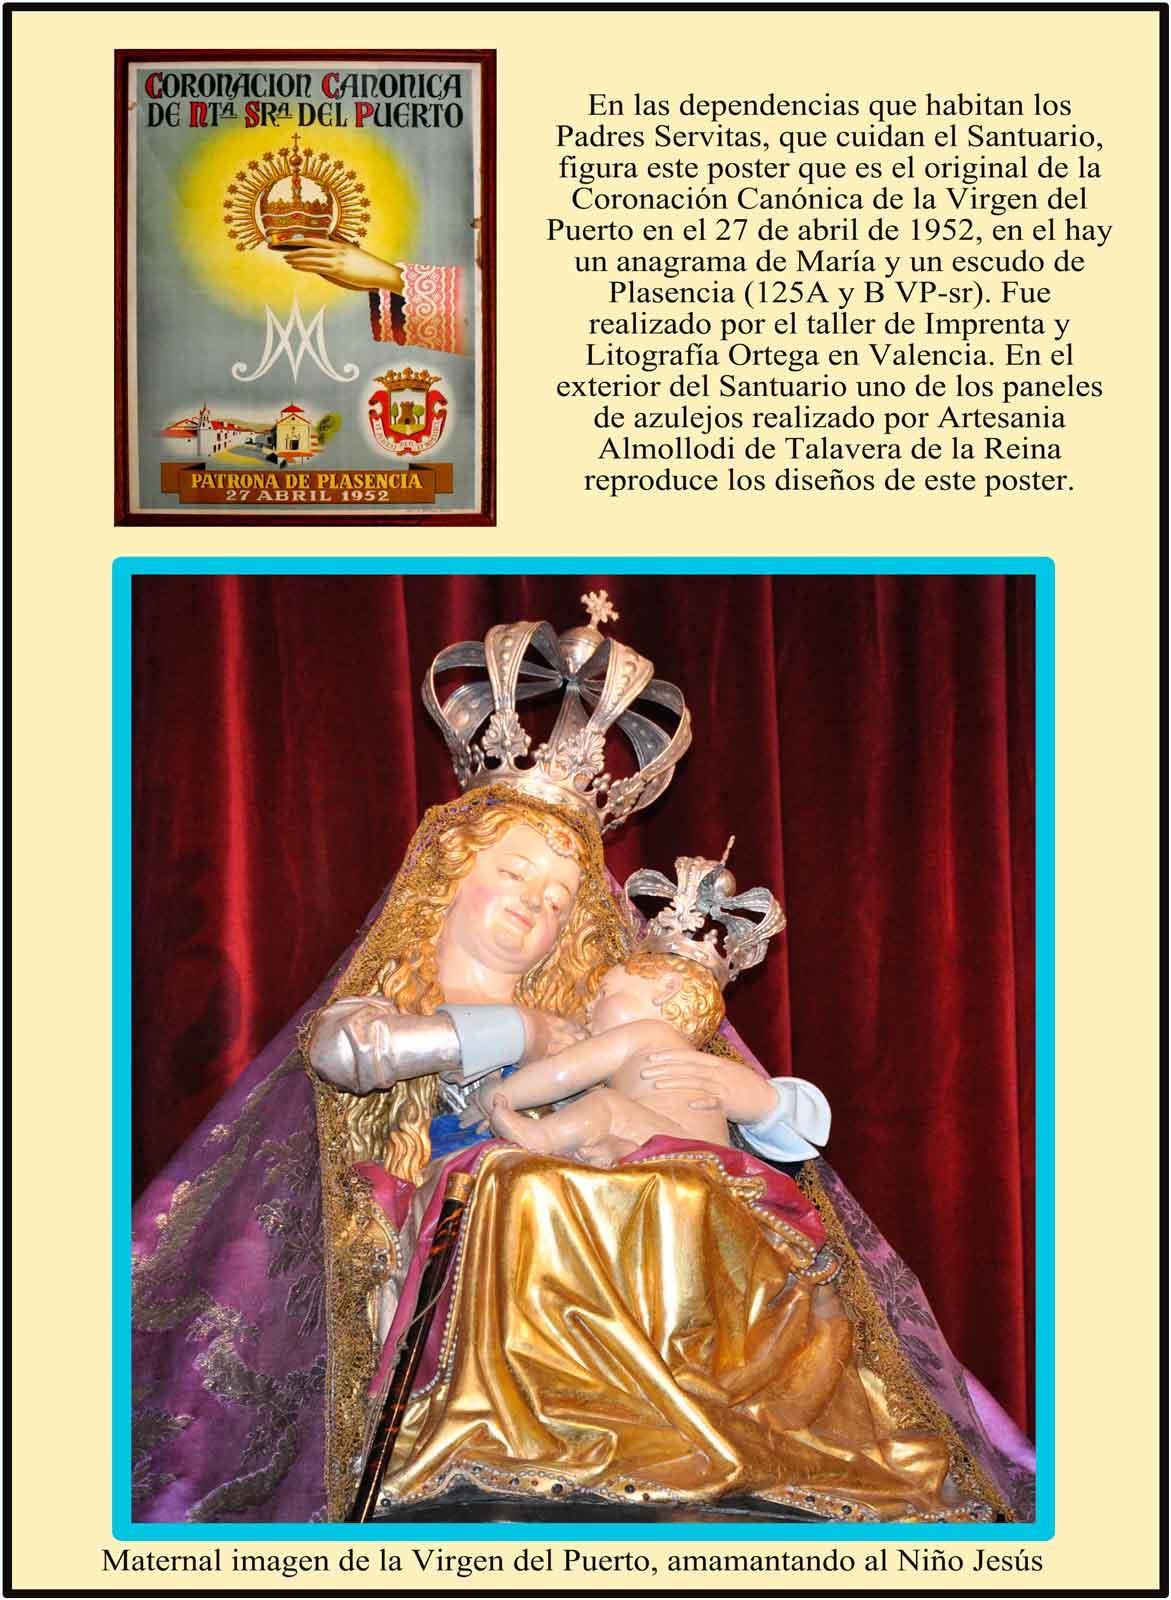 Imagen de la Virgen del Puerto. Poster de la Coronación en 1952